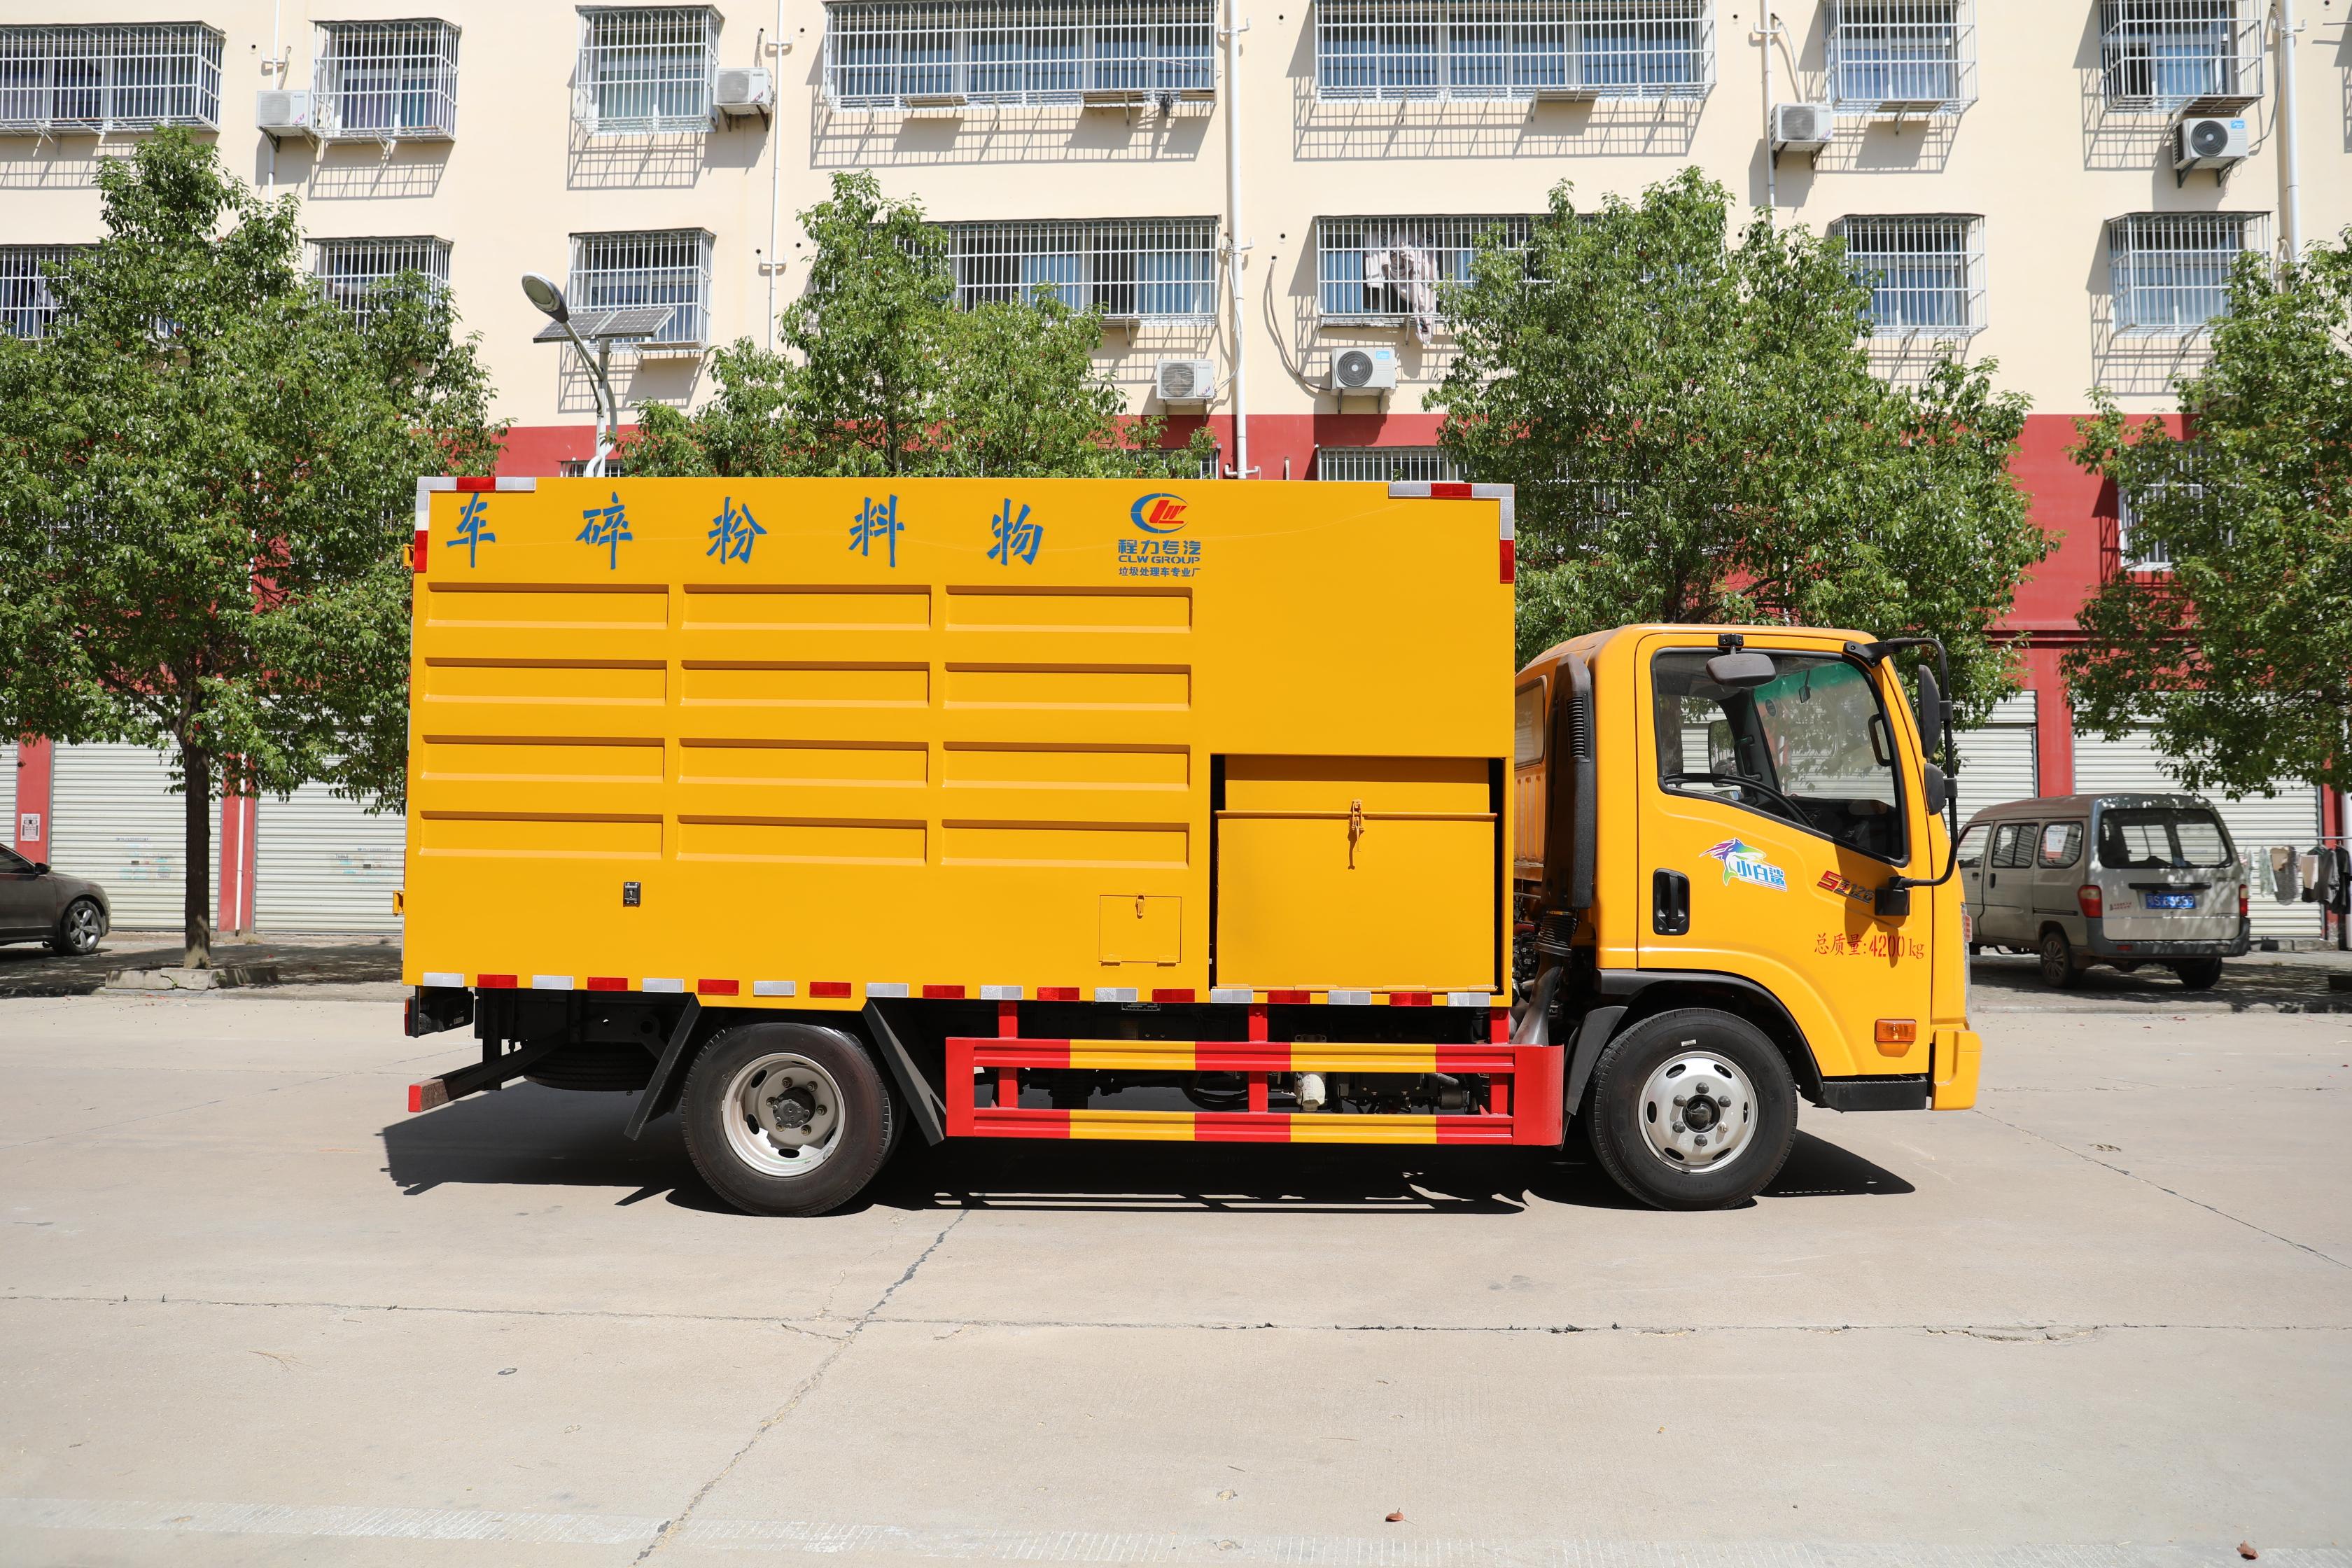 物料粉碎运输车 树枝粉碎设备整车厂家价格图片